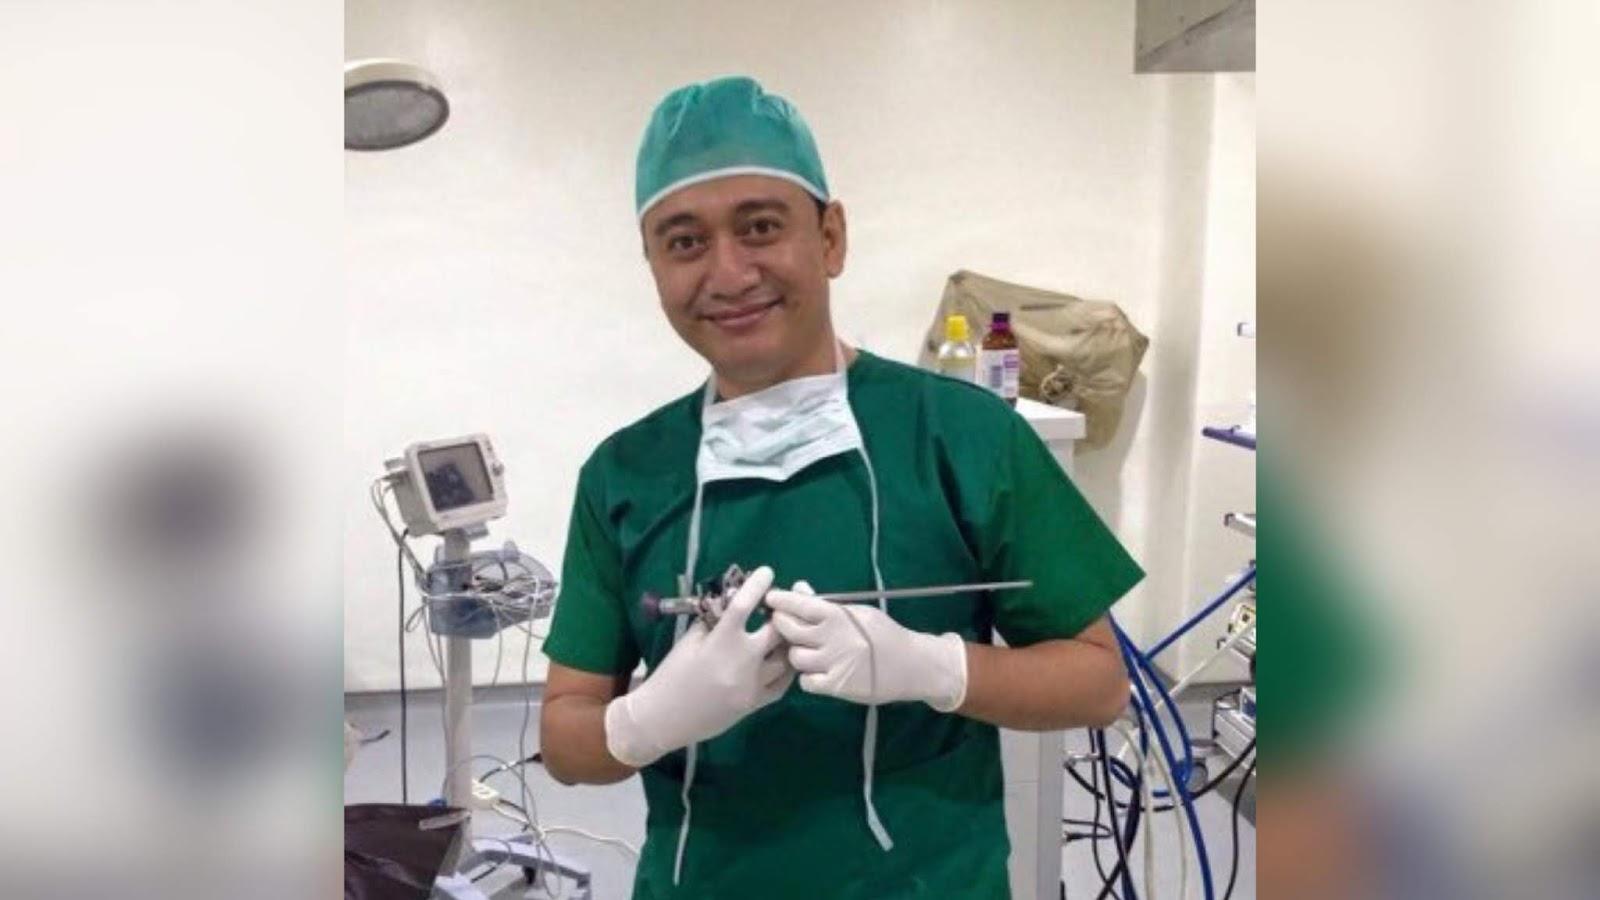 Anggota DPR Ikut Rapid Test Corona, Dr Gunawan: Duh! Kami yang Potensial Terpapar Masih Nunggu!